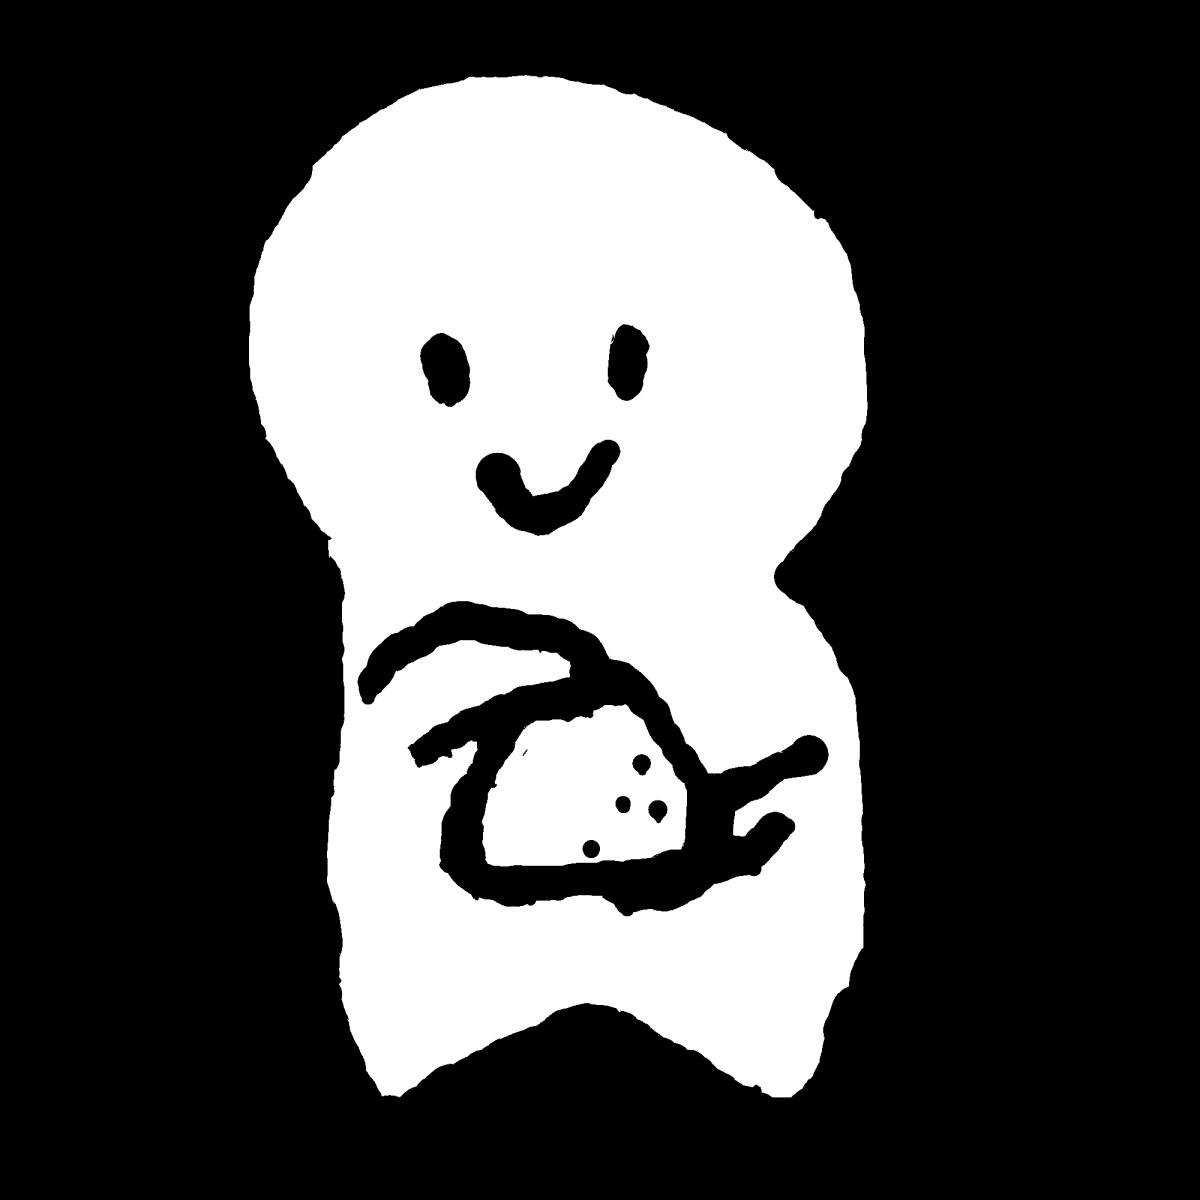 おにぎりを握るのイラスト / Make a rice ball. Illustration